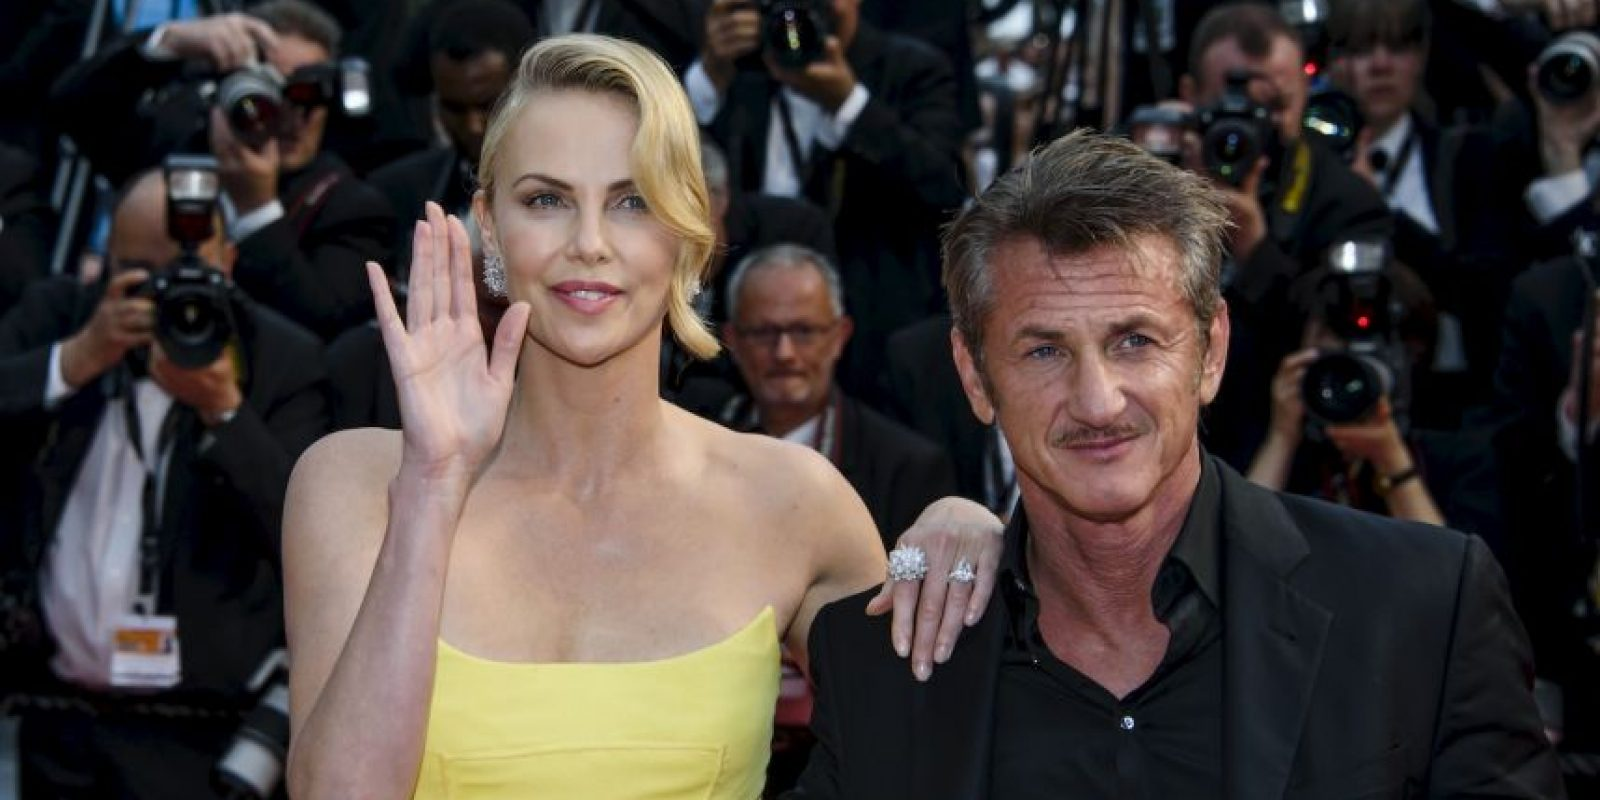 Según indican, la relación concluyó justo después del Festival de Cannes. Foto:Getty Images